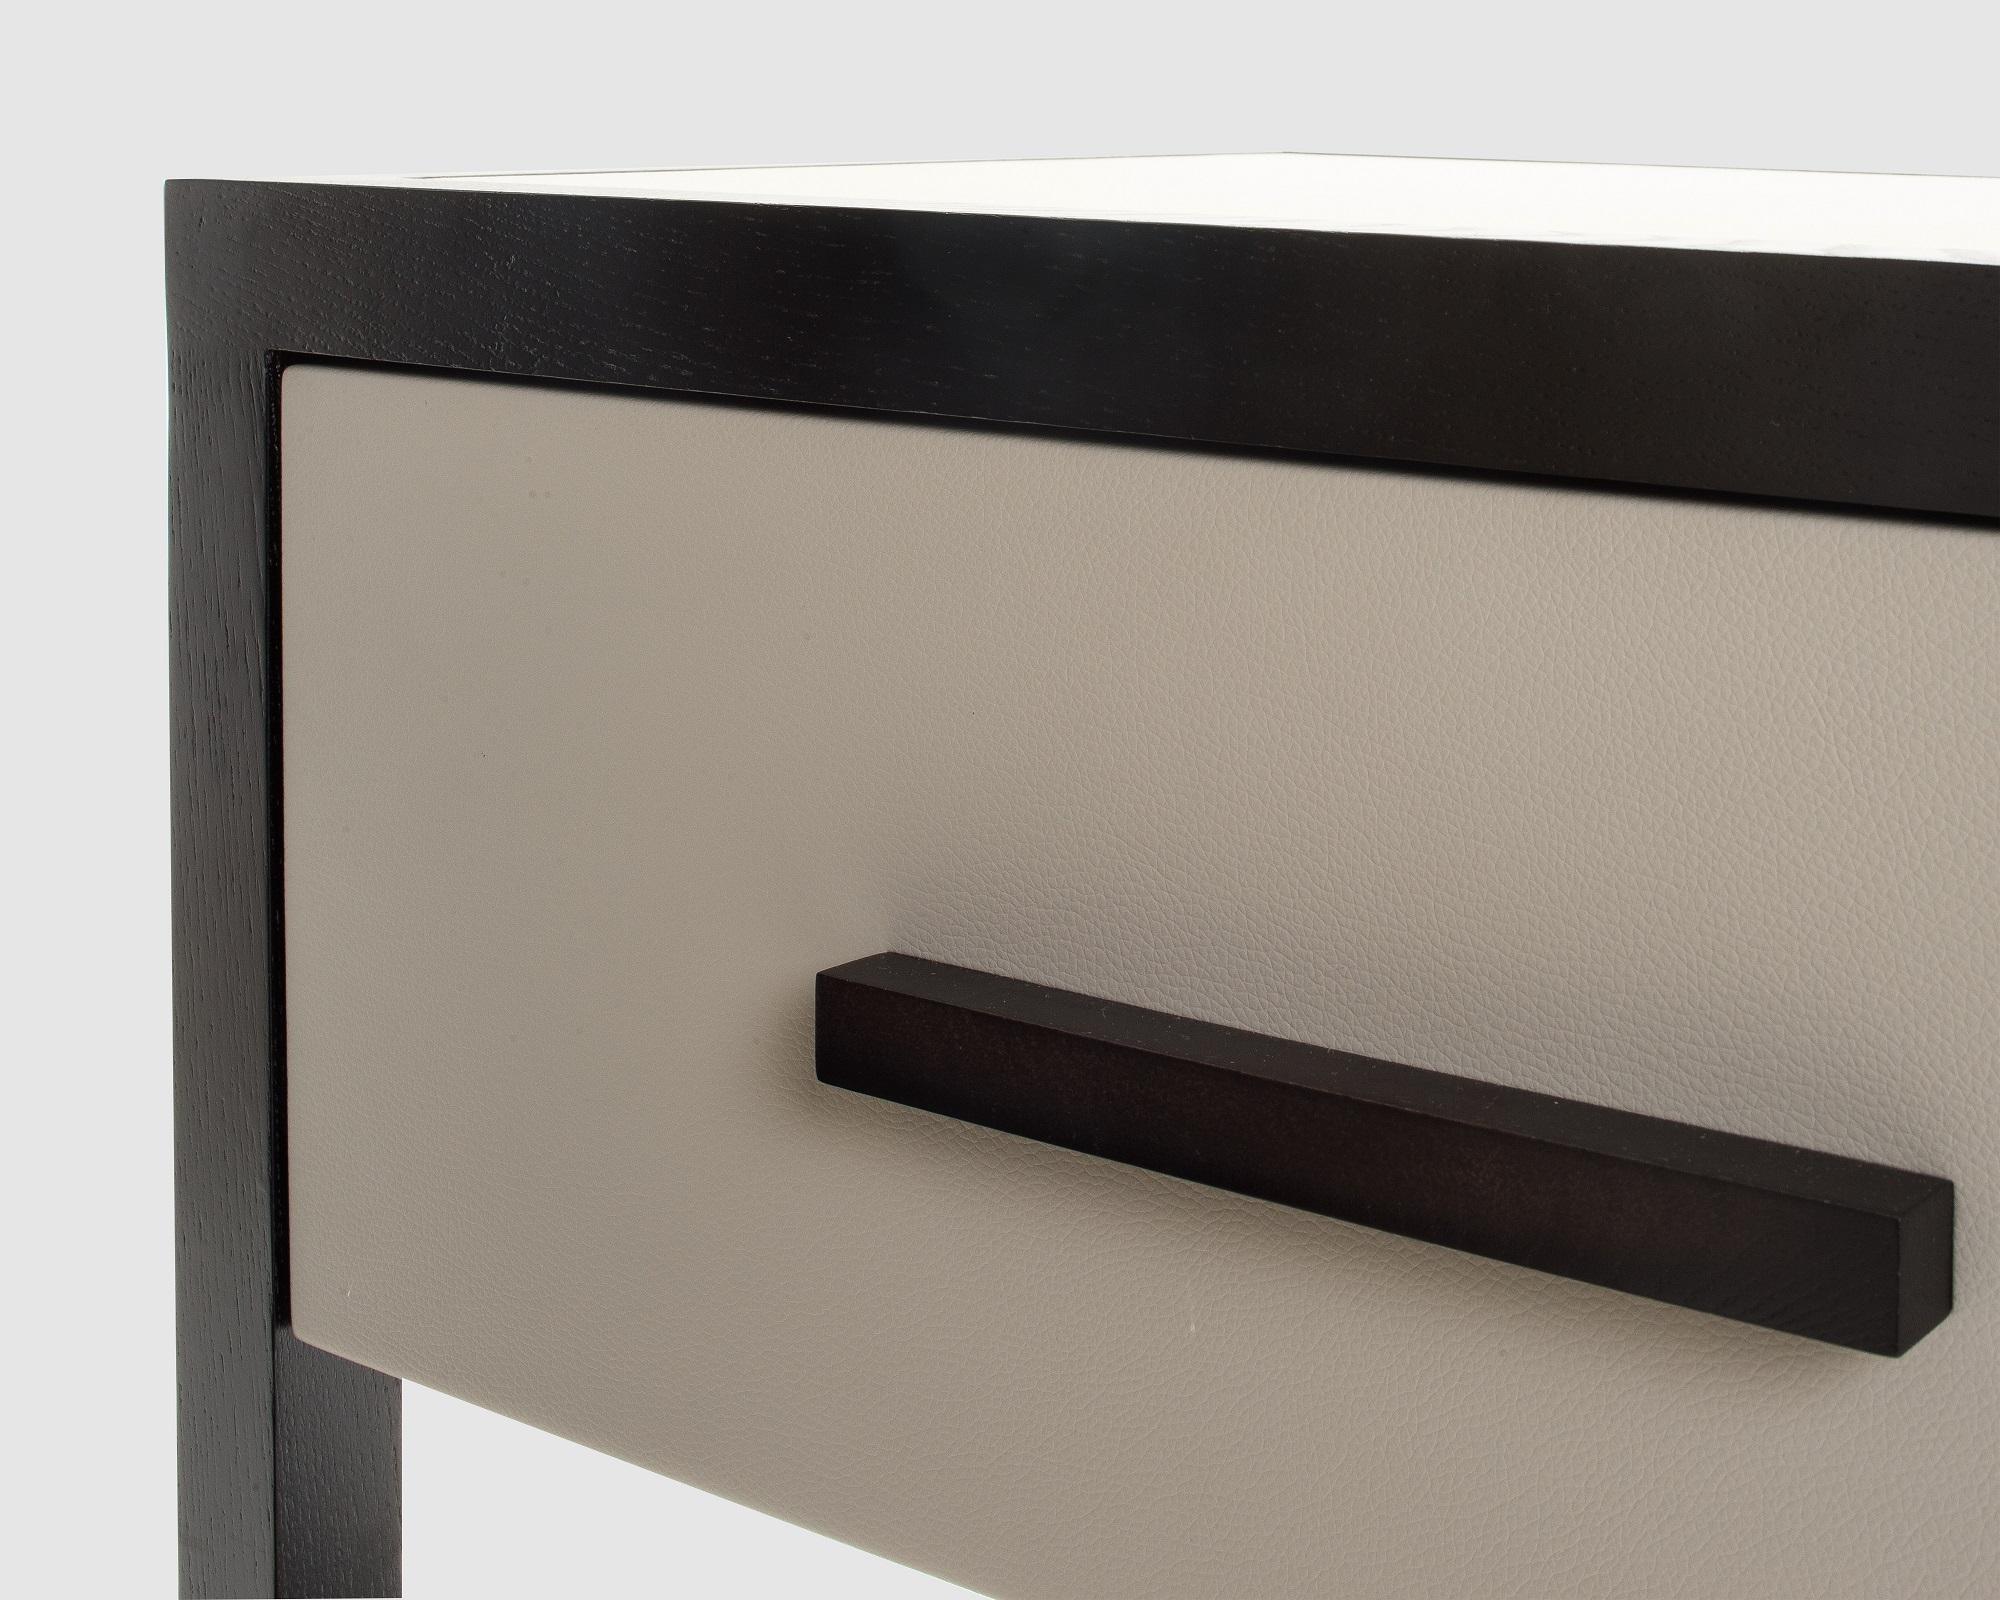 liang-eimil-liza-bedside-table-2